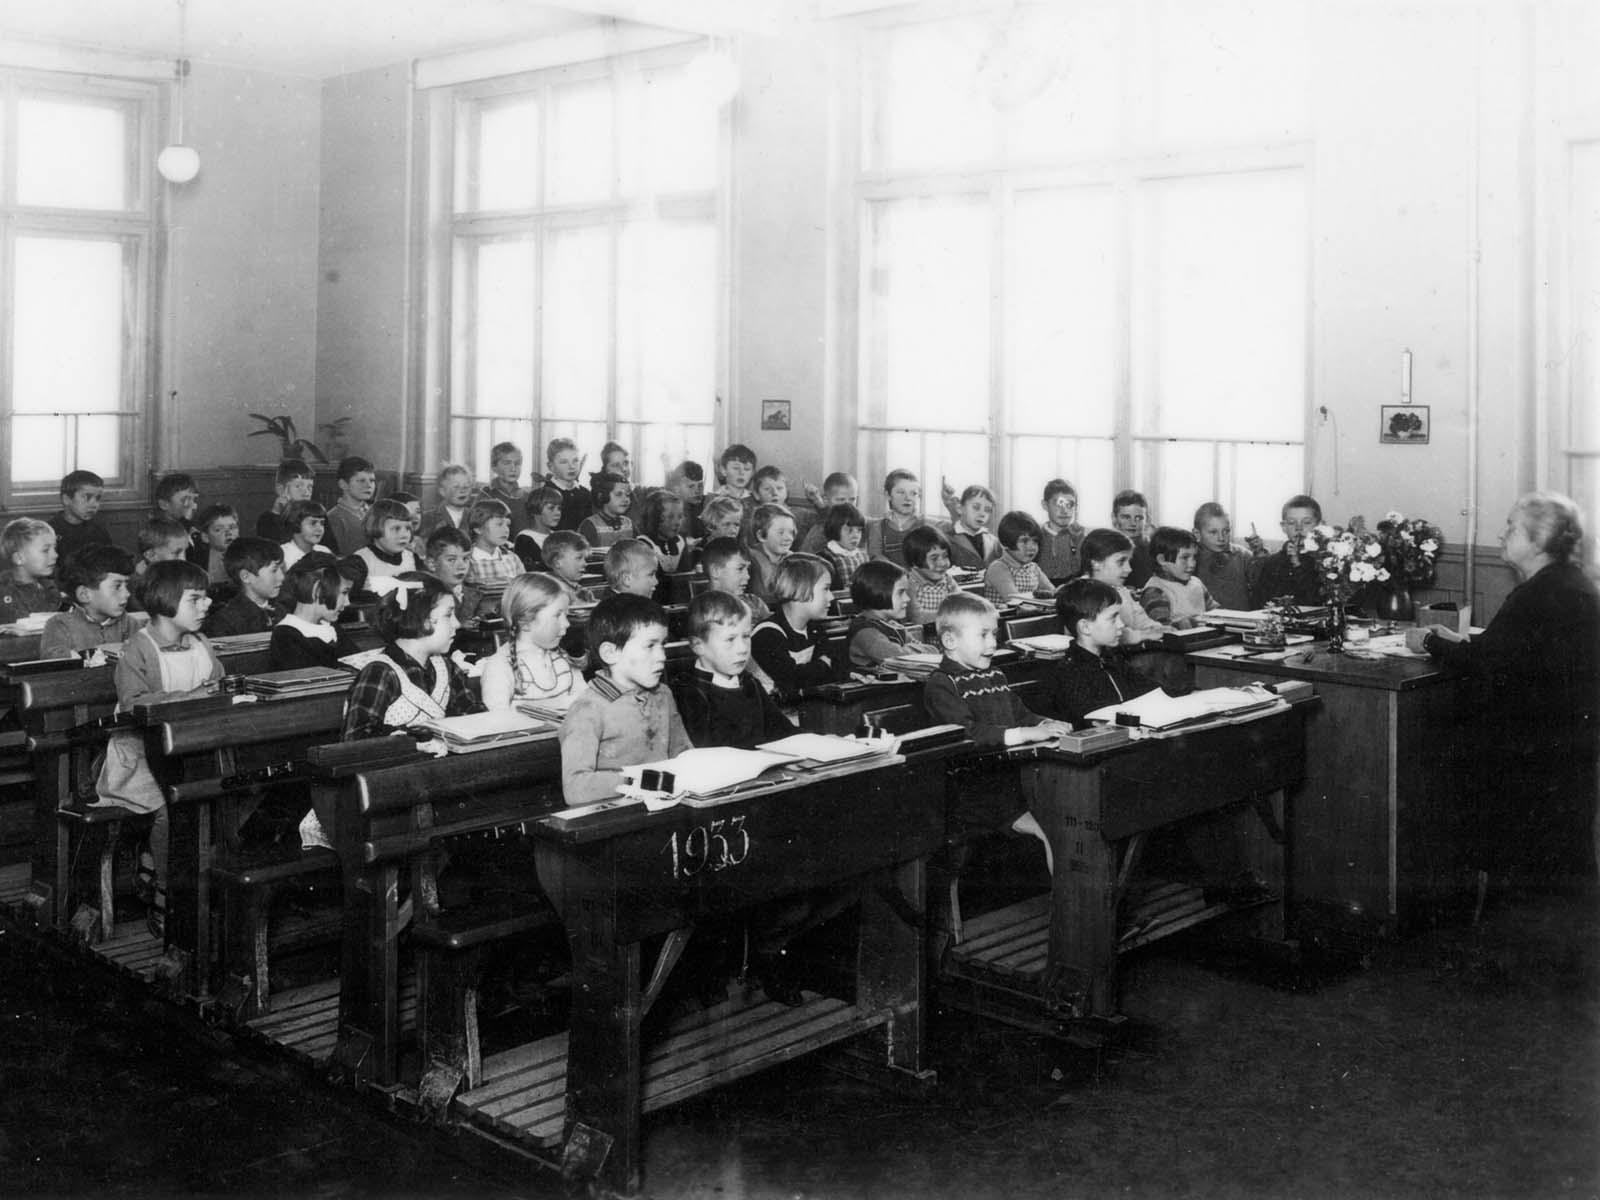 Im Schulhaus Bläsi 1933, klassischer Frontalunterricht.